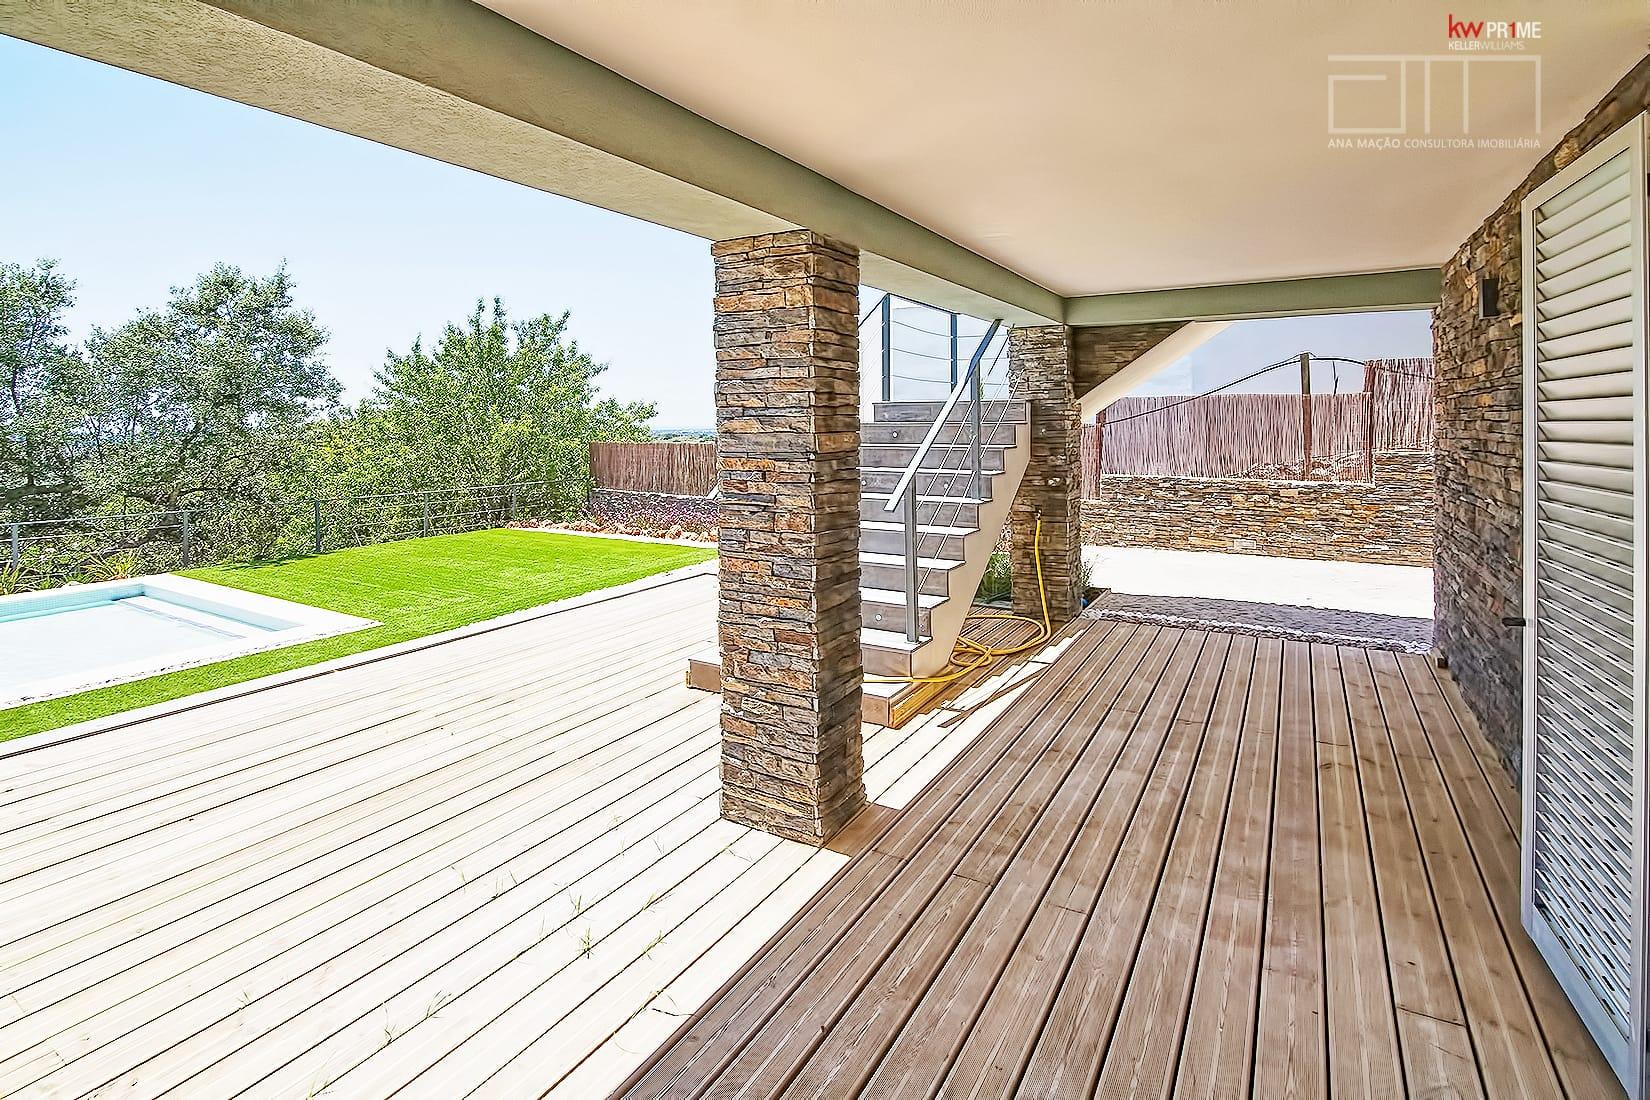 Algarve moradia contempor nea t3 com vista mar e serra for Casa moderna kw